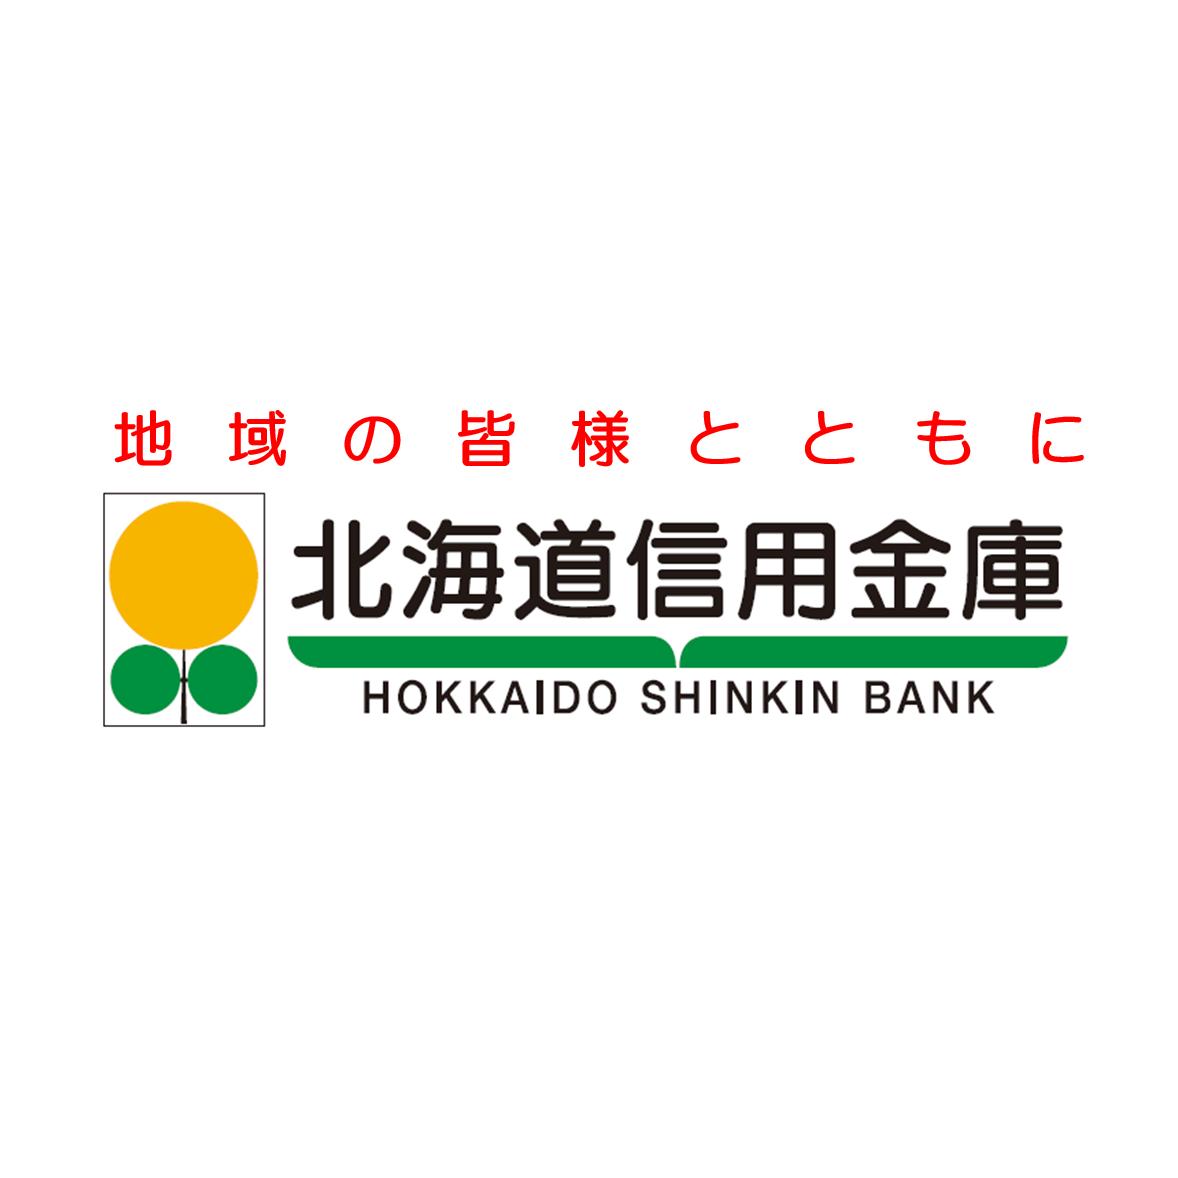 北海道信用金庫